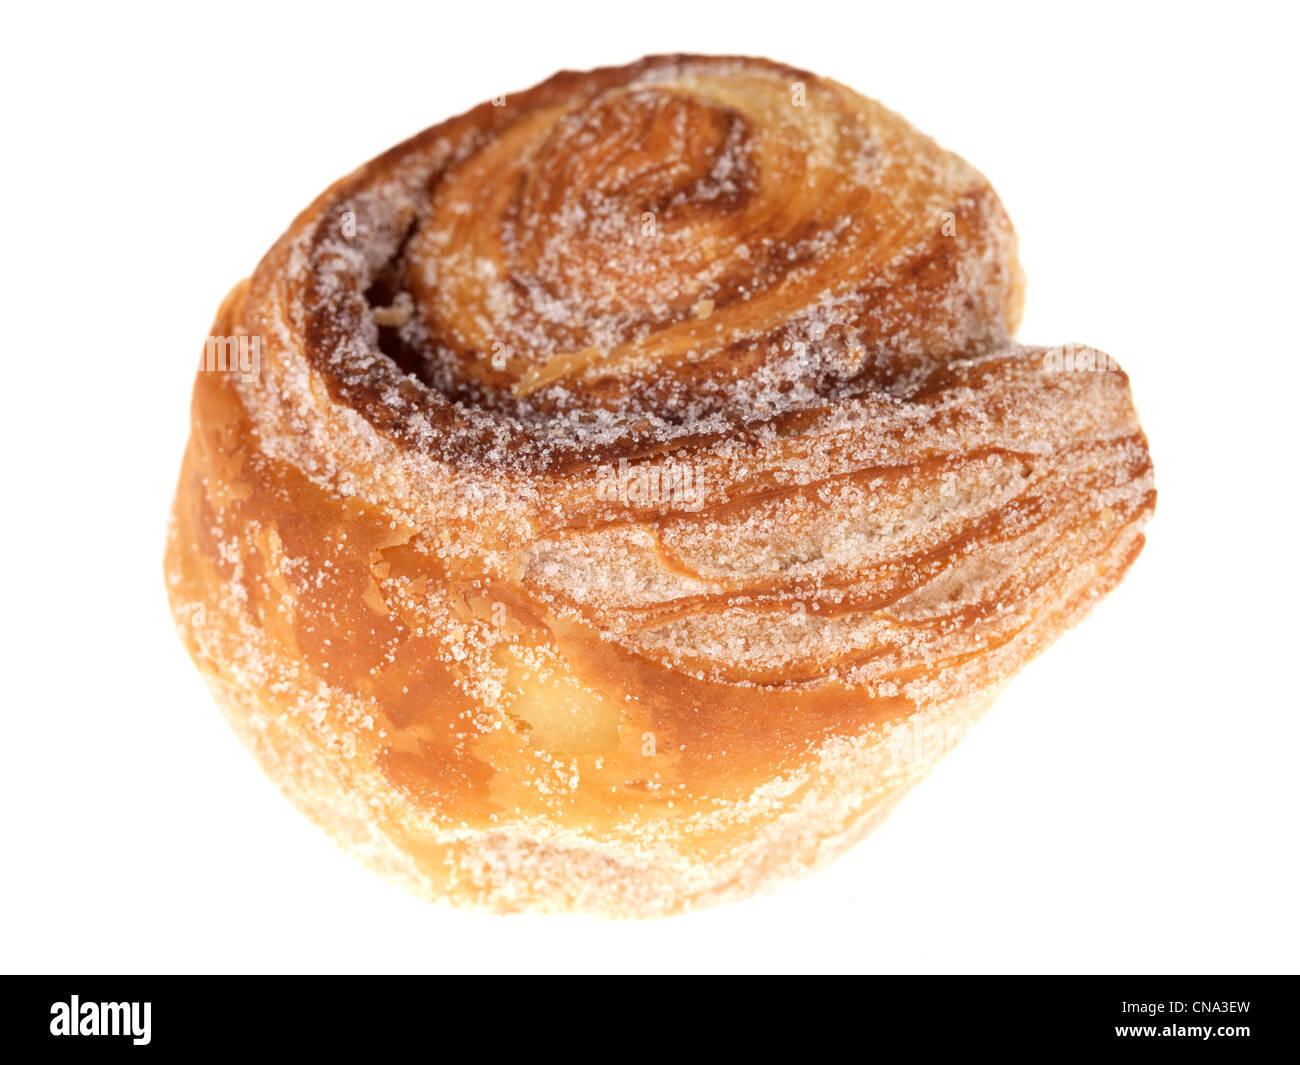 Cinnamon Bun - Stock Image